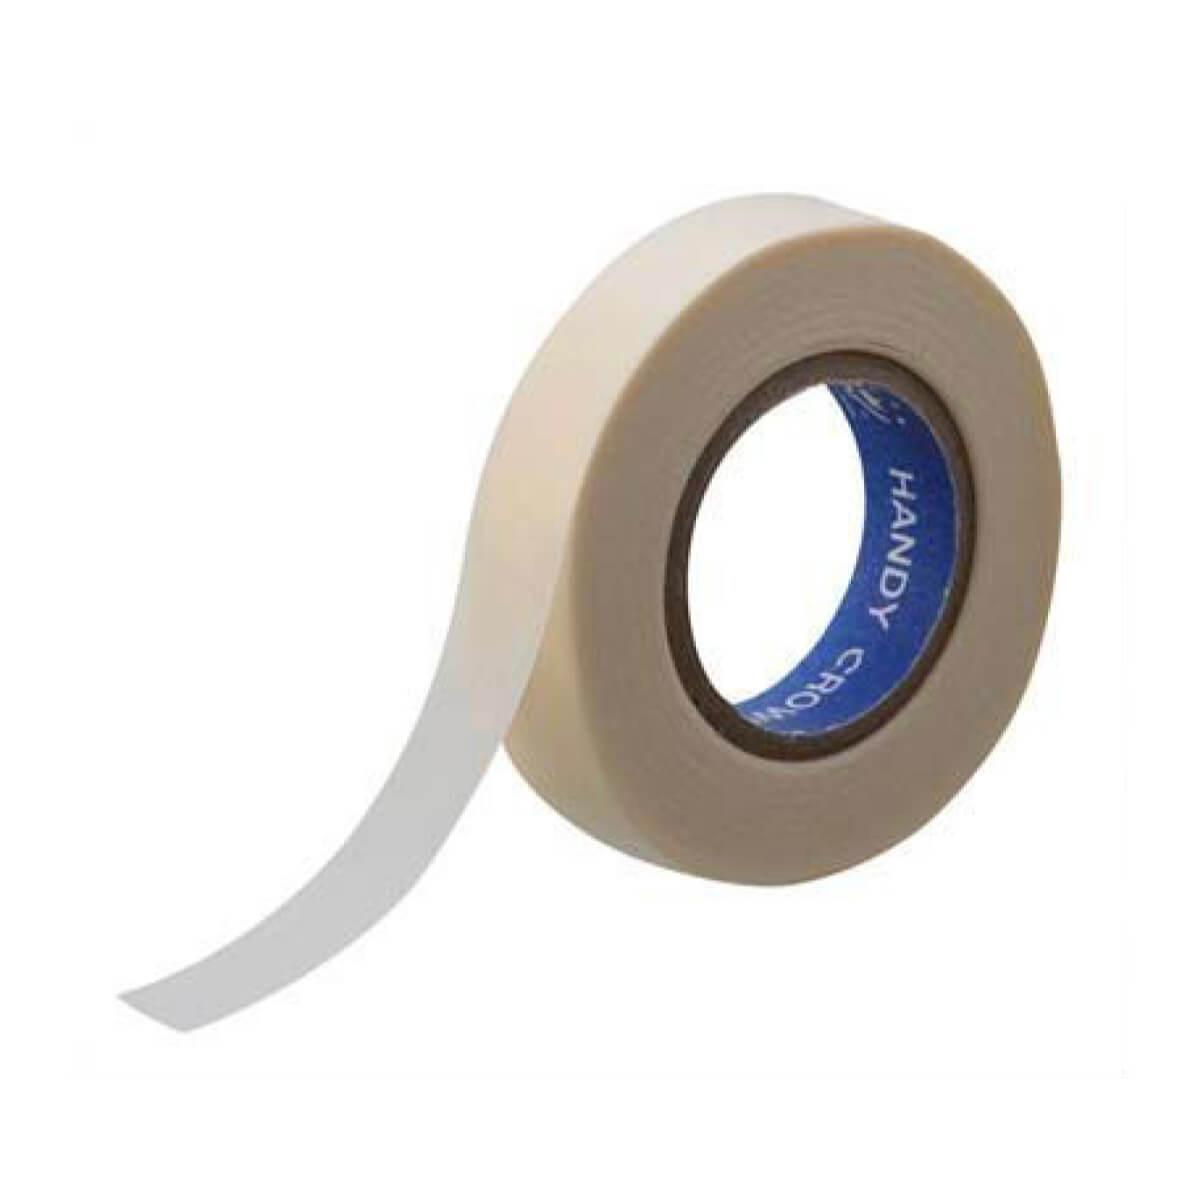 マスキングテープ塗装用 幅12mm 長さ18m